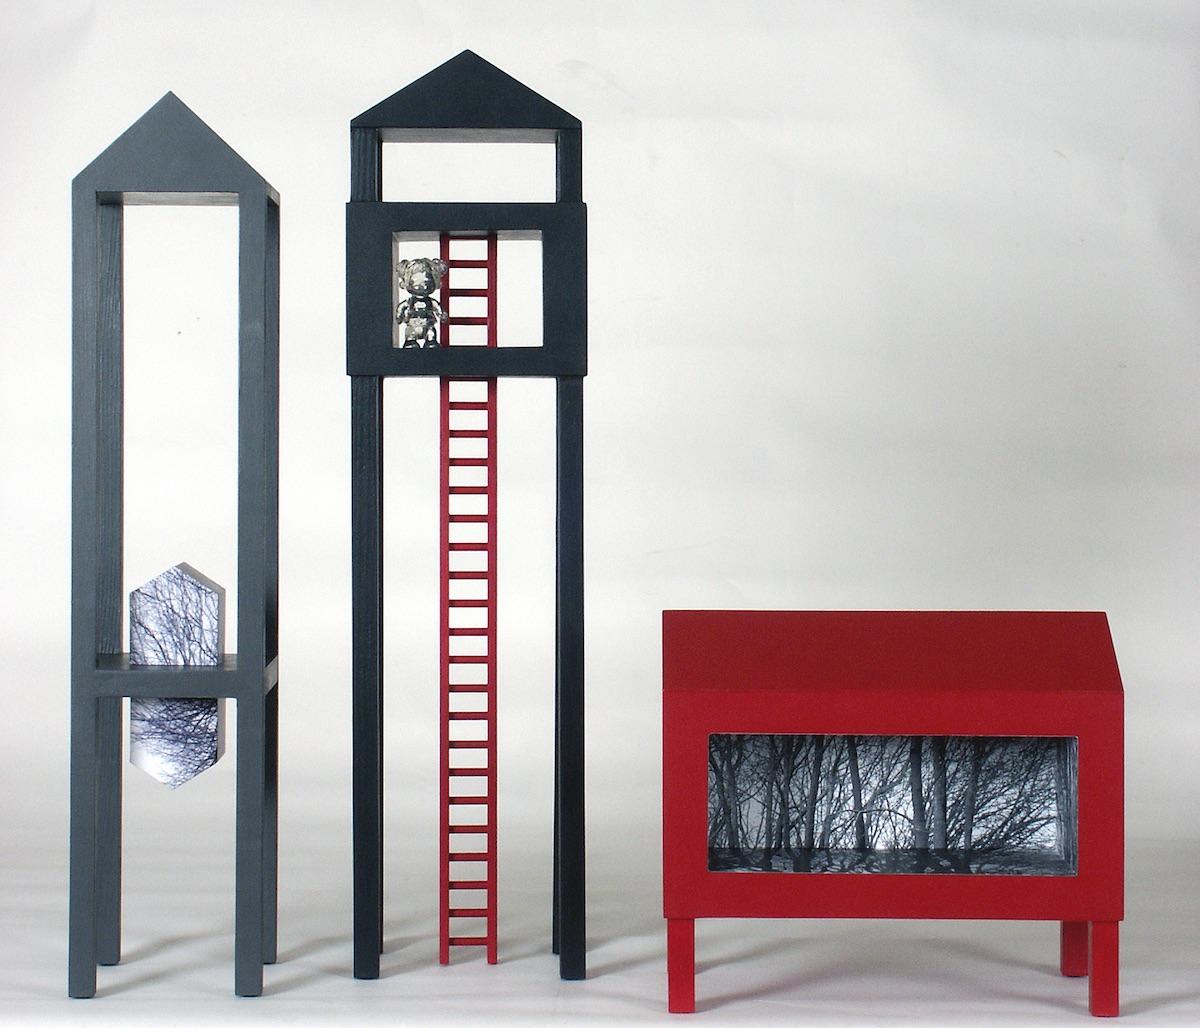 Porta-memórias, 2005